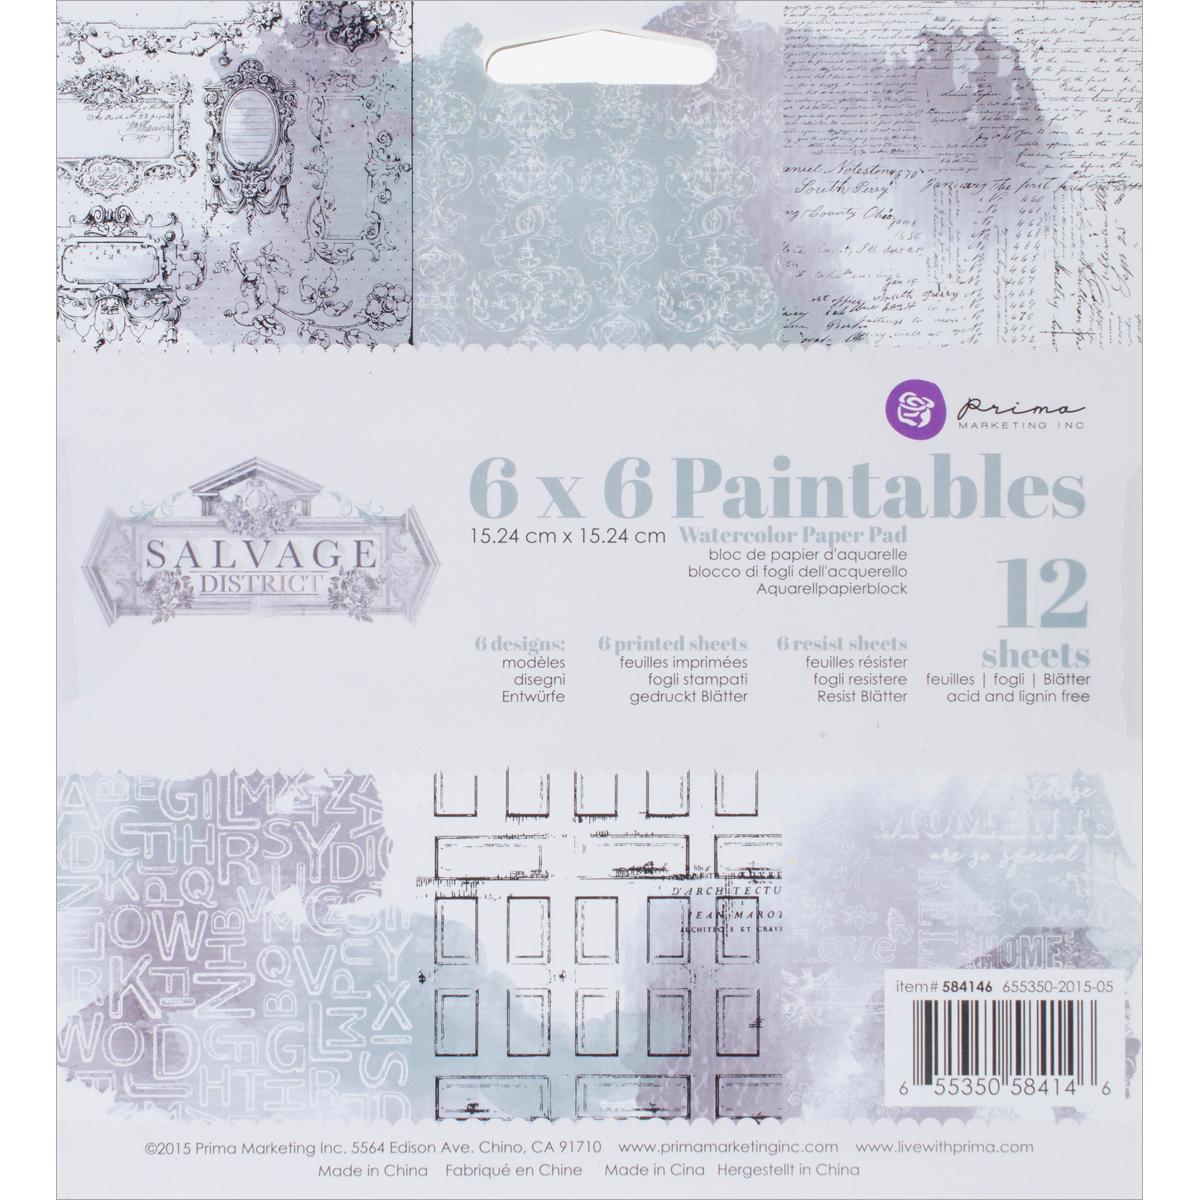 Prima Marketing Paintables Watercolor Paper Pad 6X6 12/Pkg-Salvage District